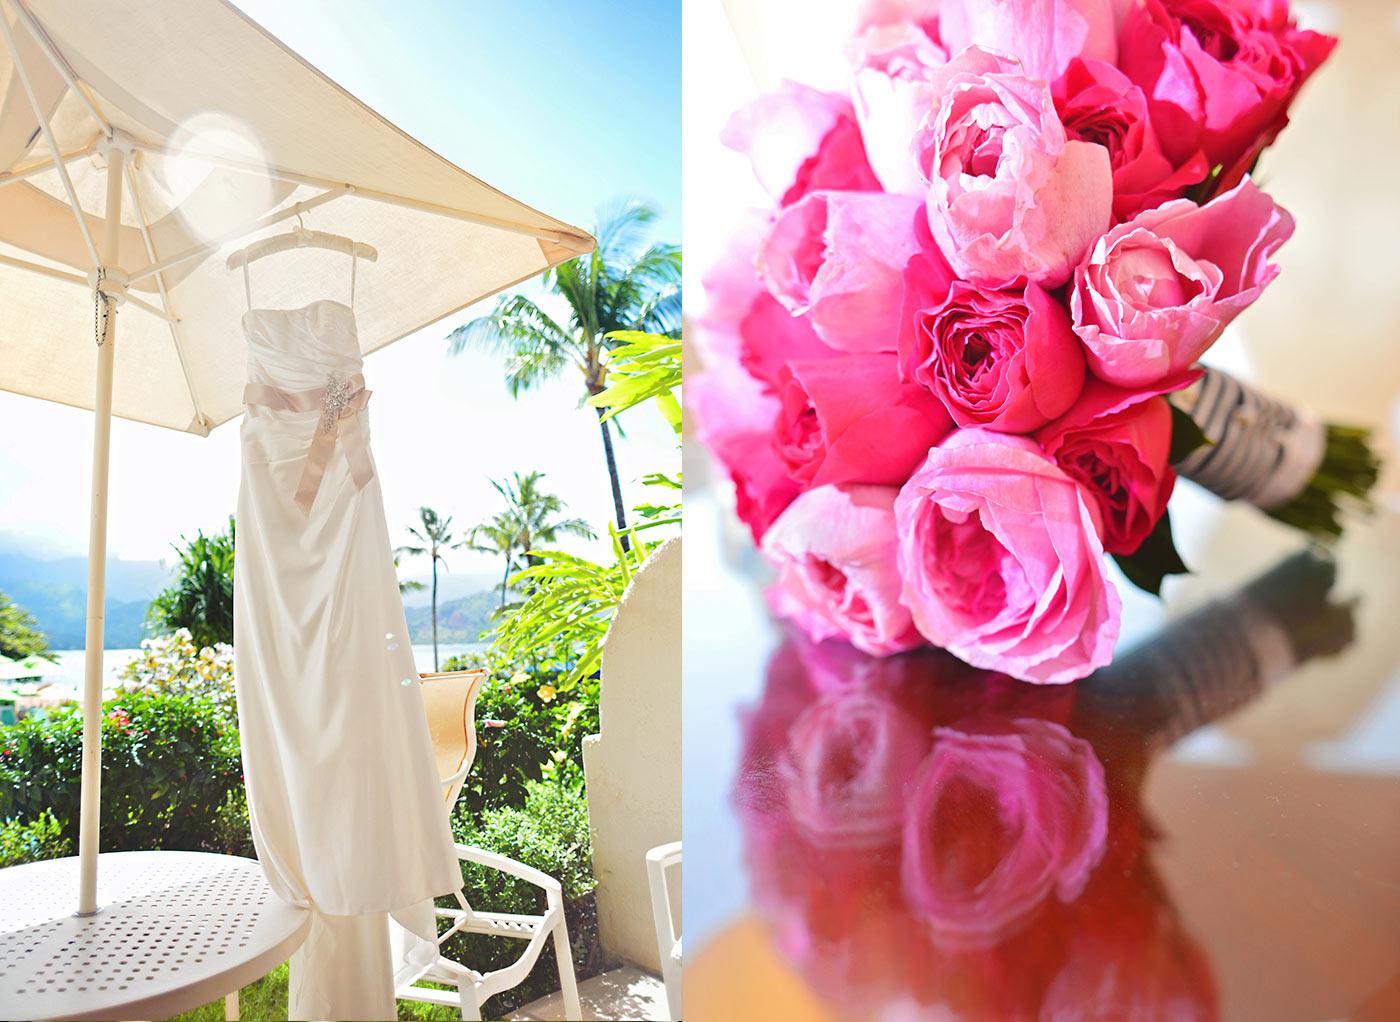 Kauai-Island-Hawaii-wedding-photo-(35).jpg